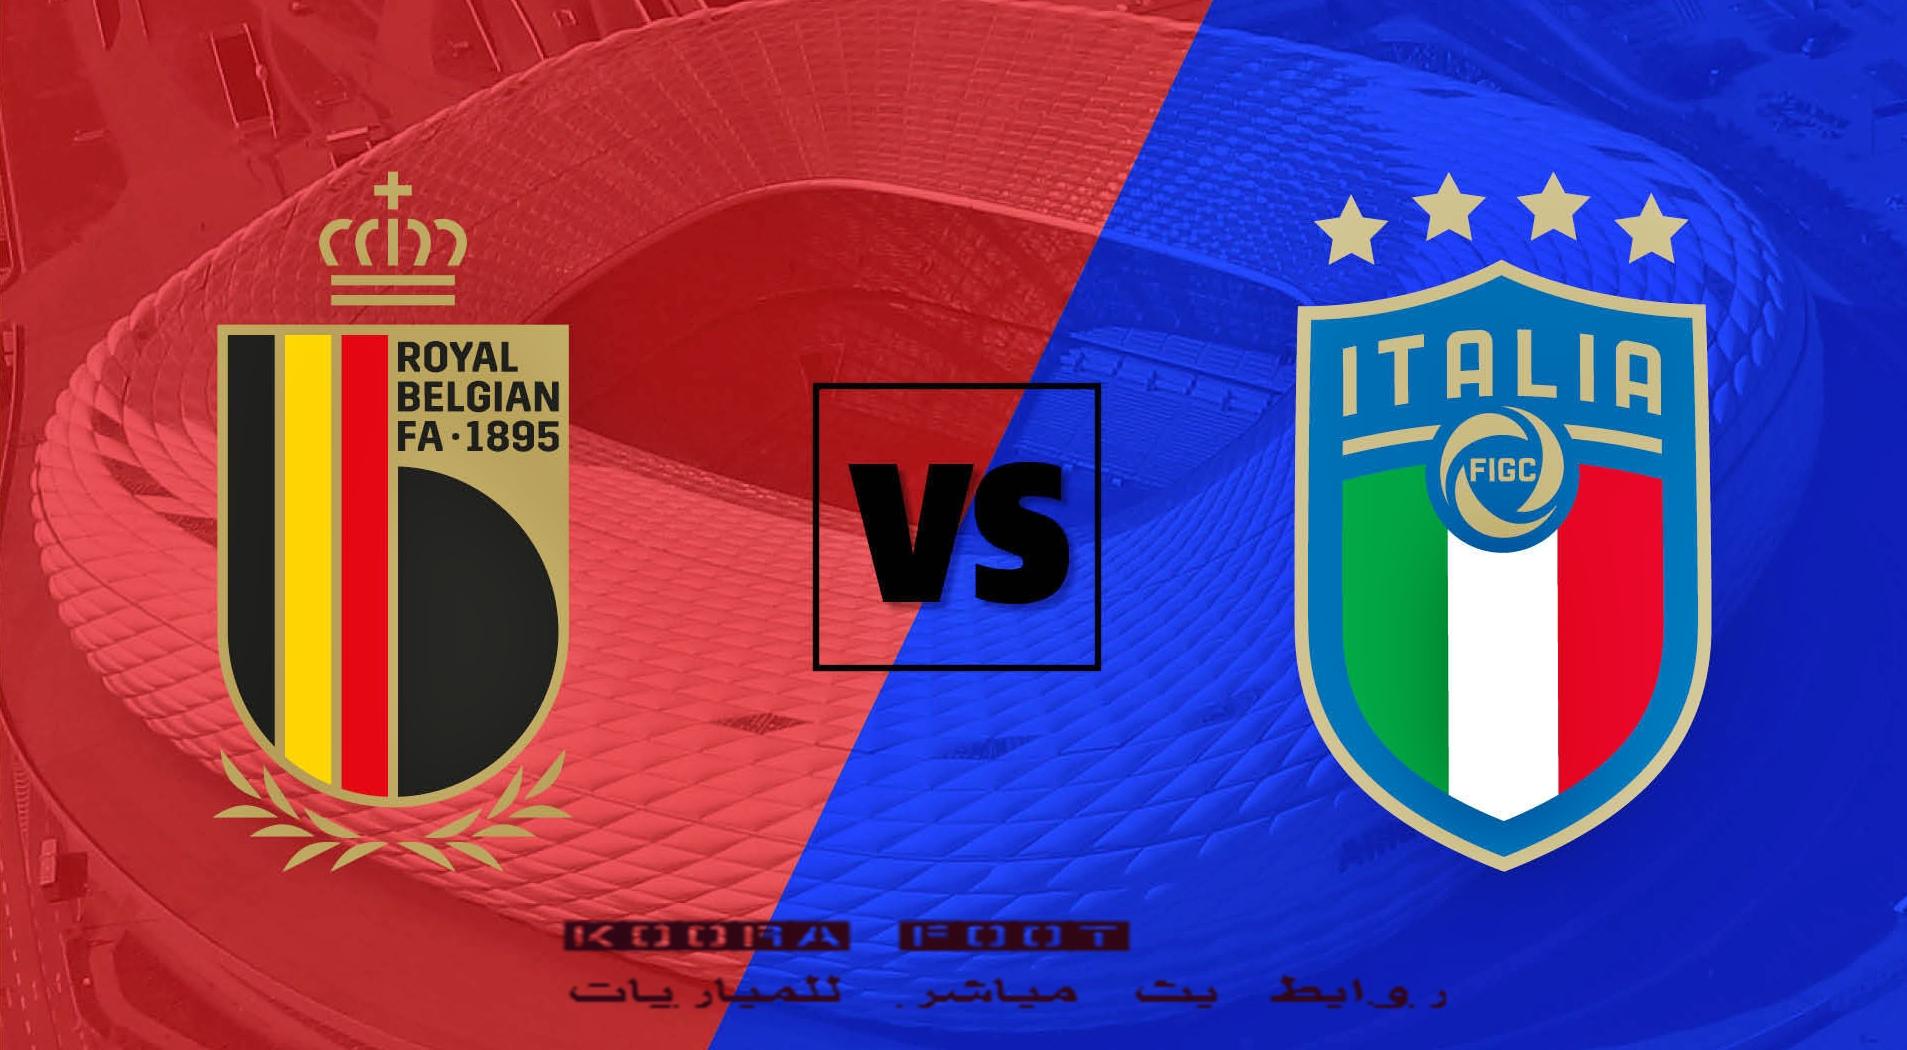 موعد مباراة بلجيكا وإيطاليا الجمعة في بطولة يورو 2020